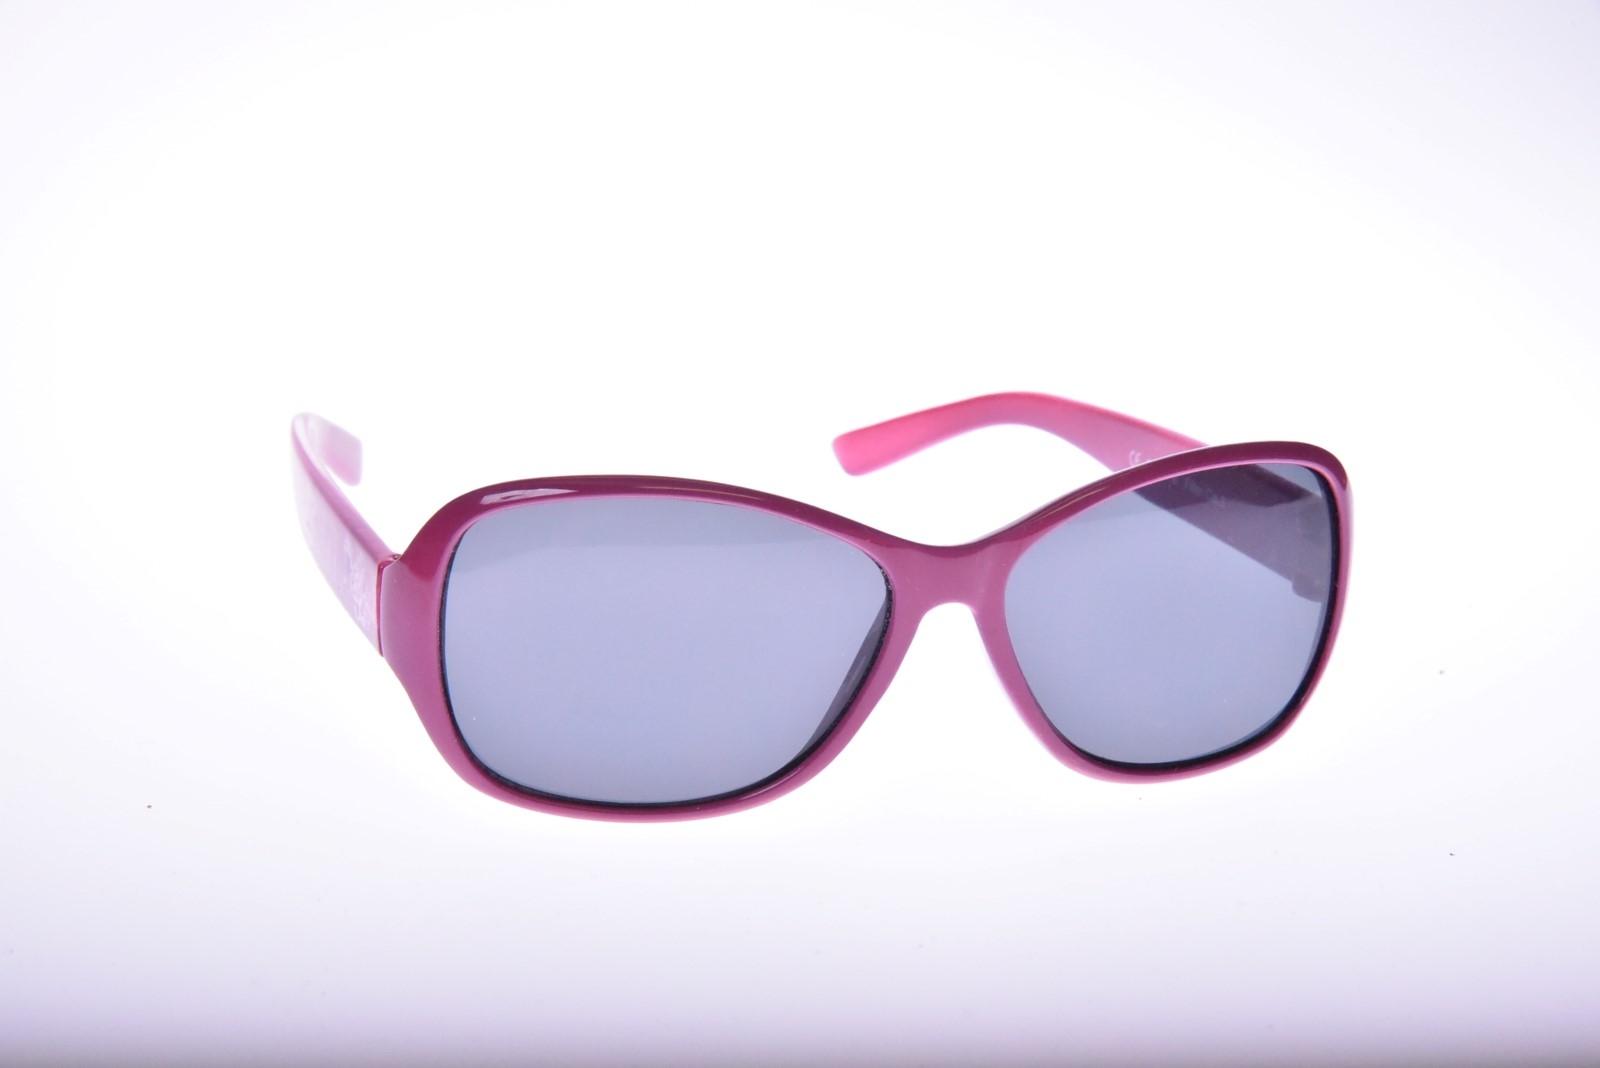 Polaroid Disney D6317A - Slnečné okuliare pre deti 4-7 r.